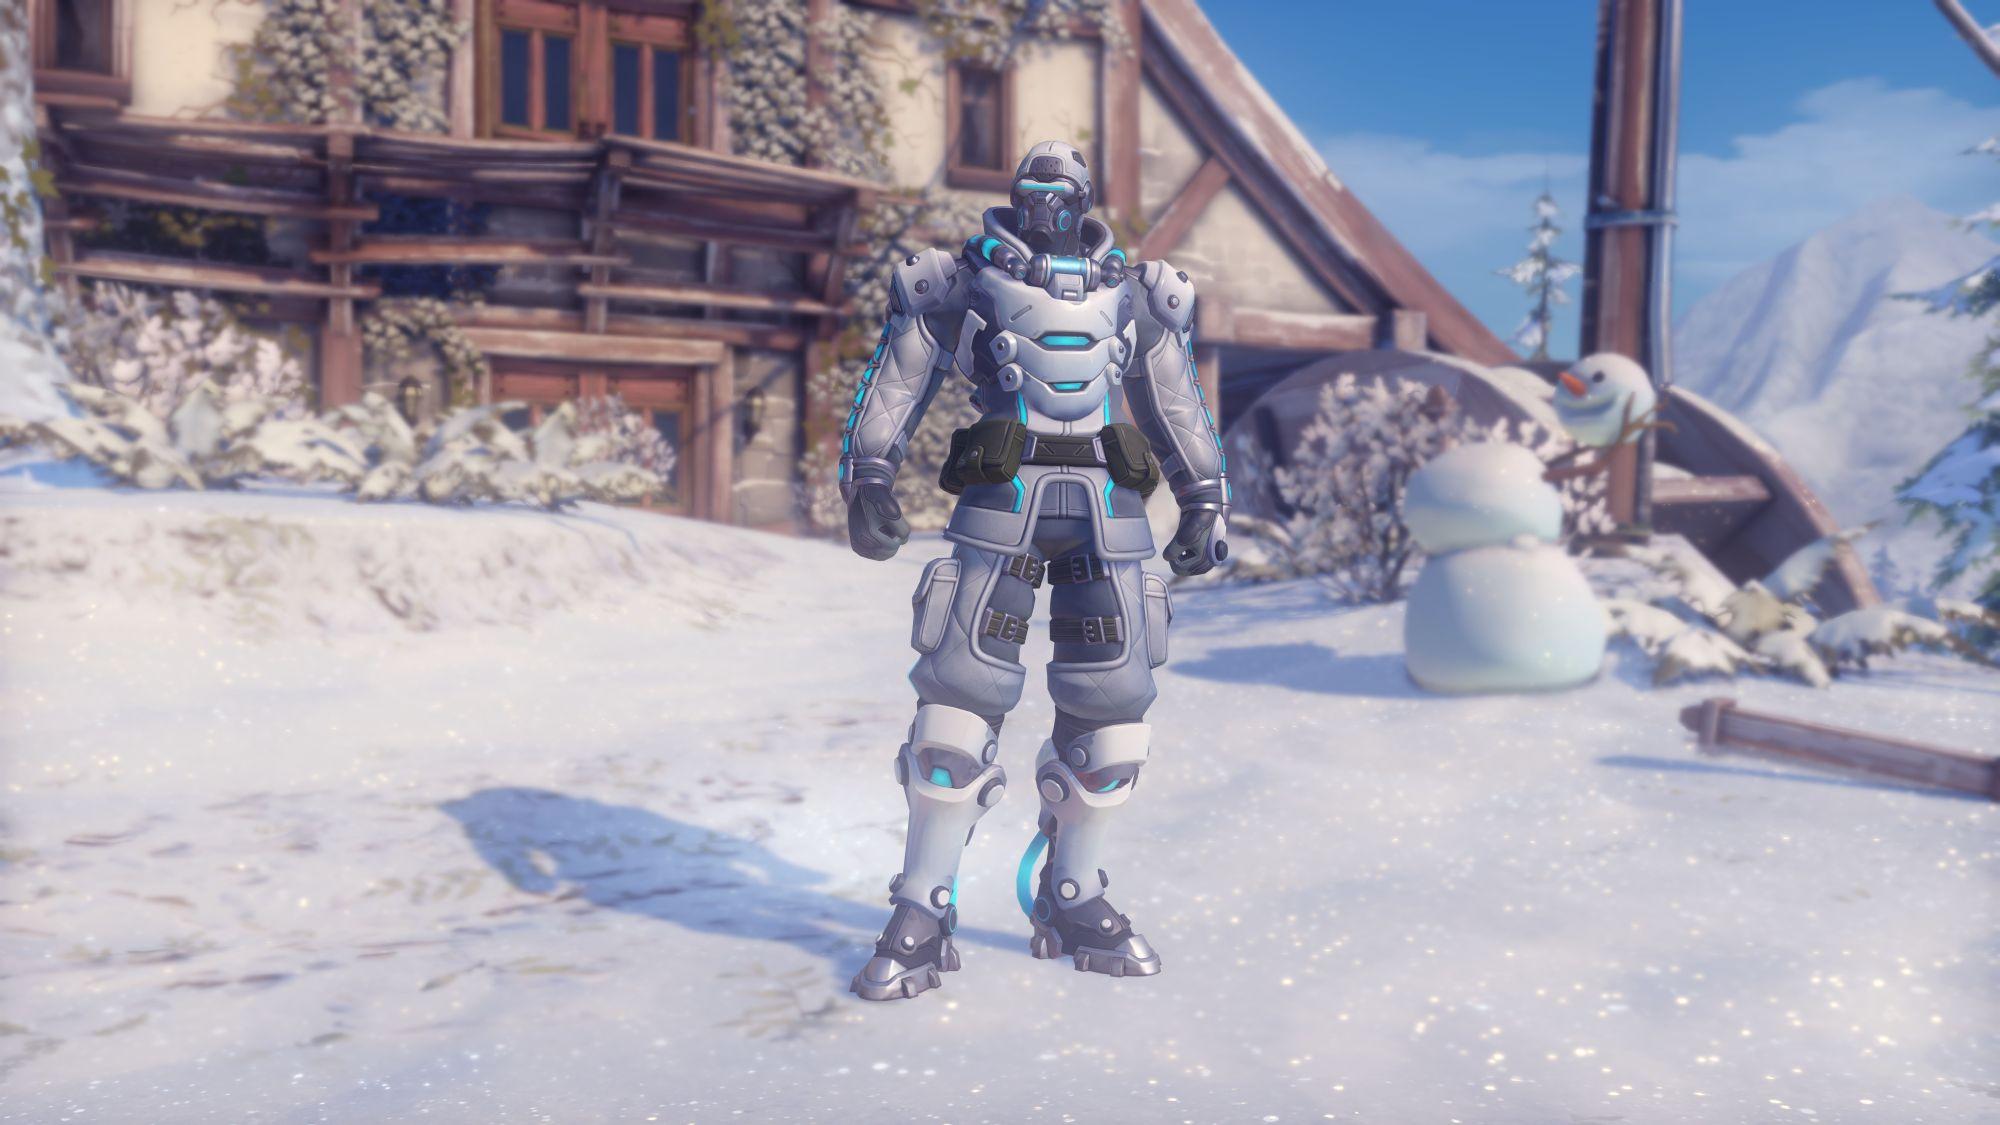 Overwatch WWW Soldier Skin